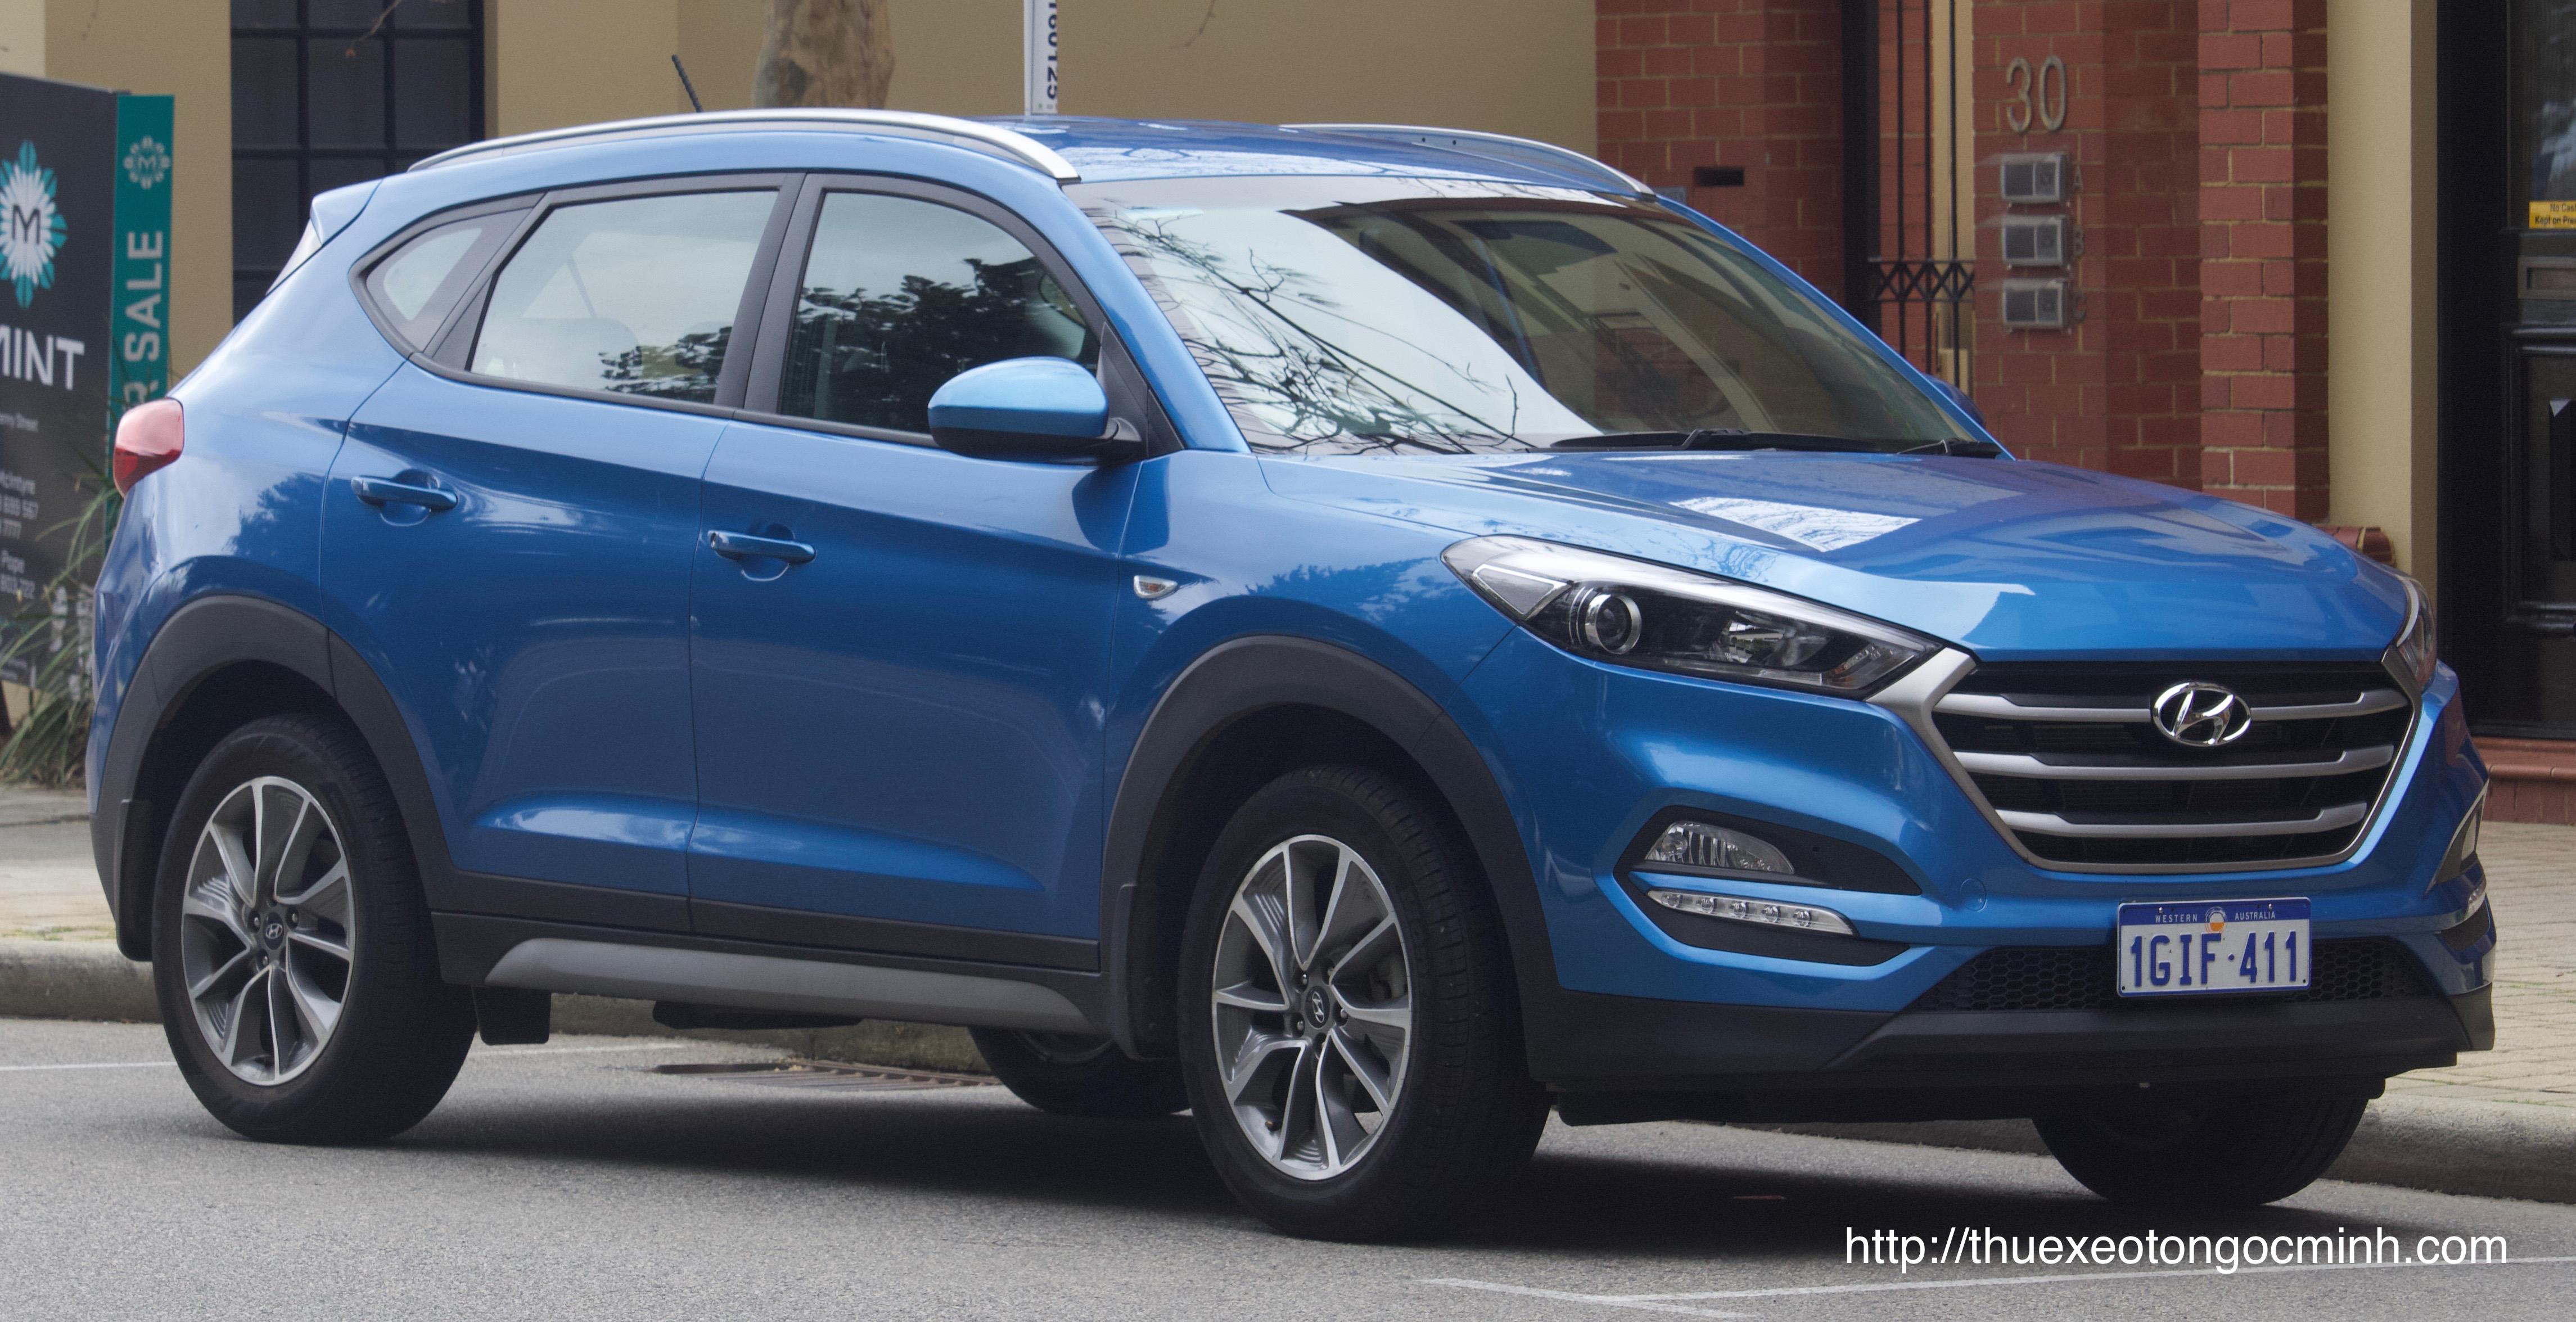 Hyundai Tucson 2017 ra mắt với giá rẻ bất ngờ 815 triệu đồng